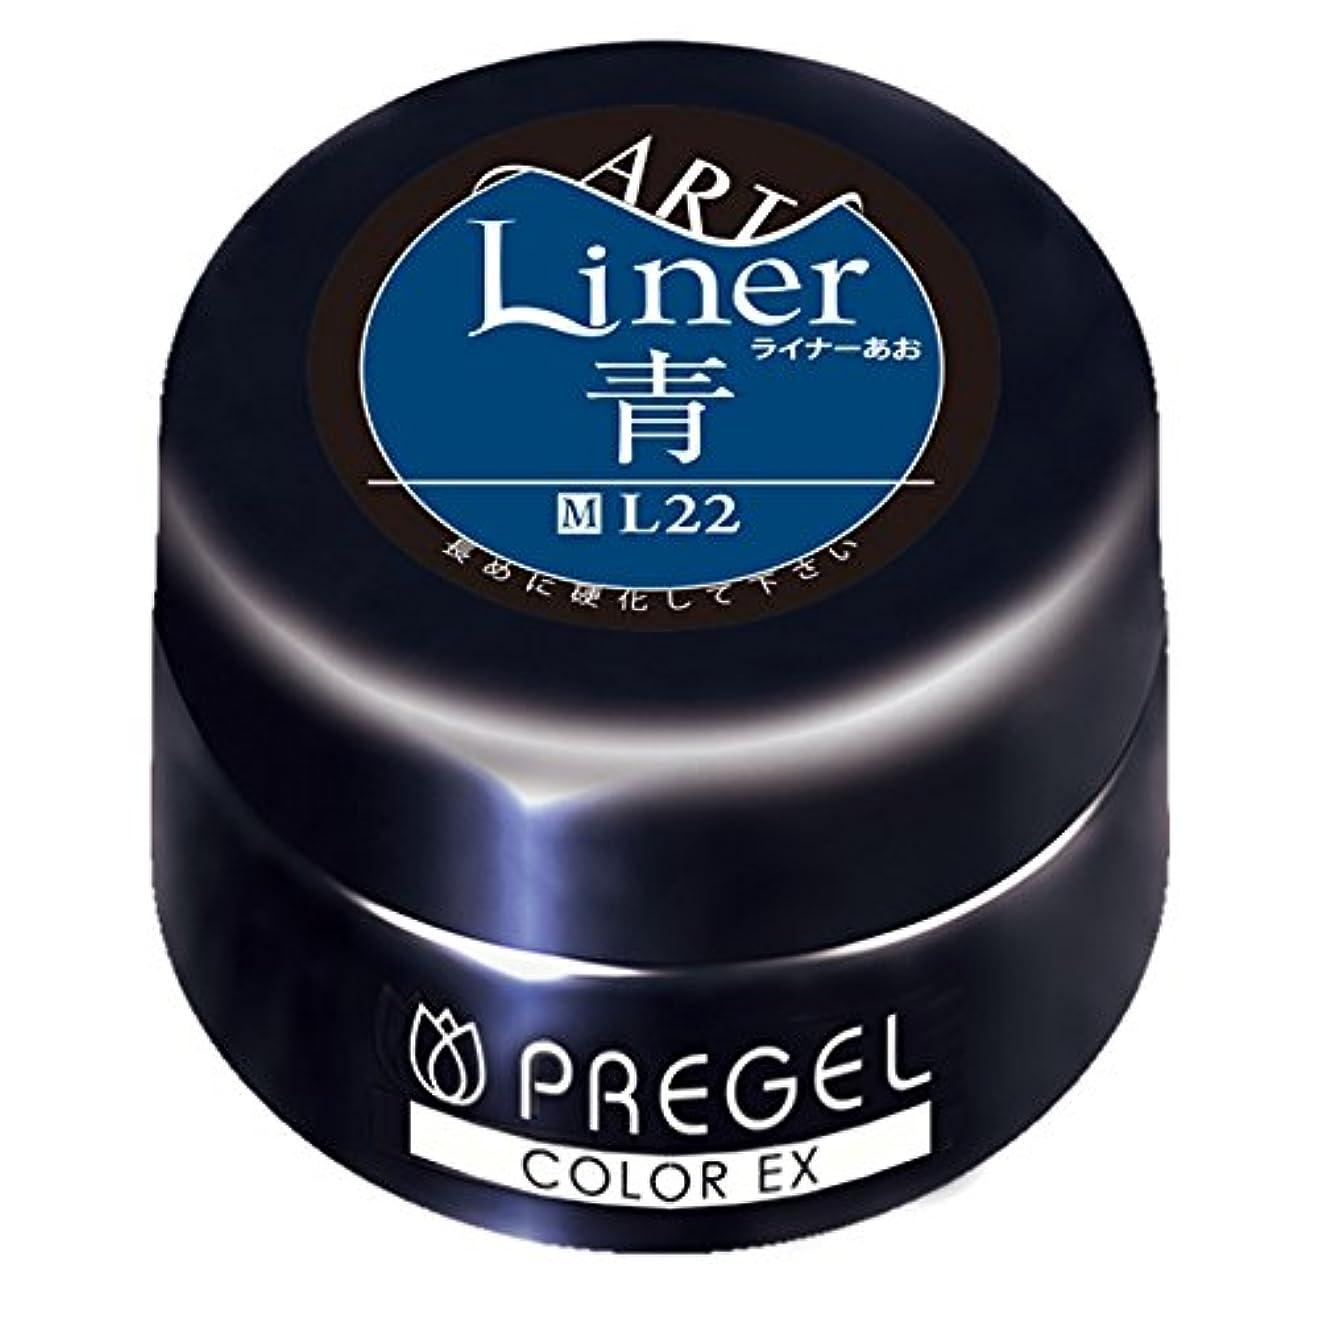 弾性購入過言PRE GEL カラーEX ライナー青 3g PG-CEL22 UV/LED対応